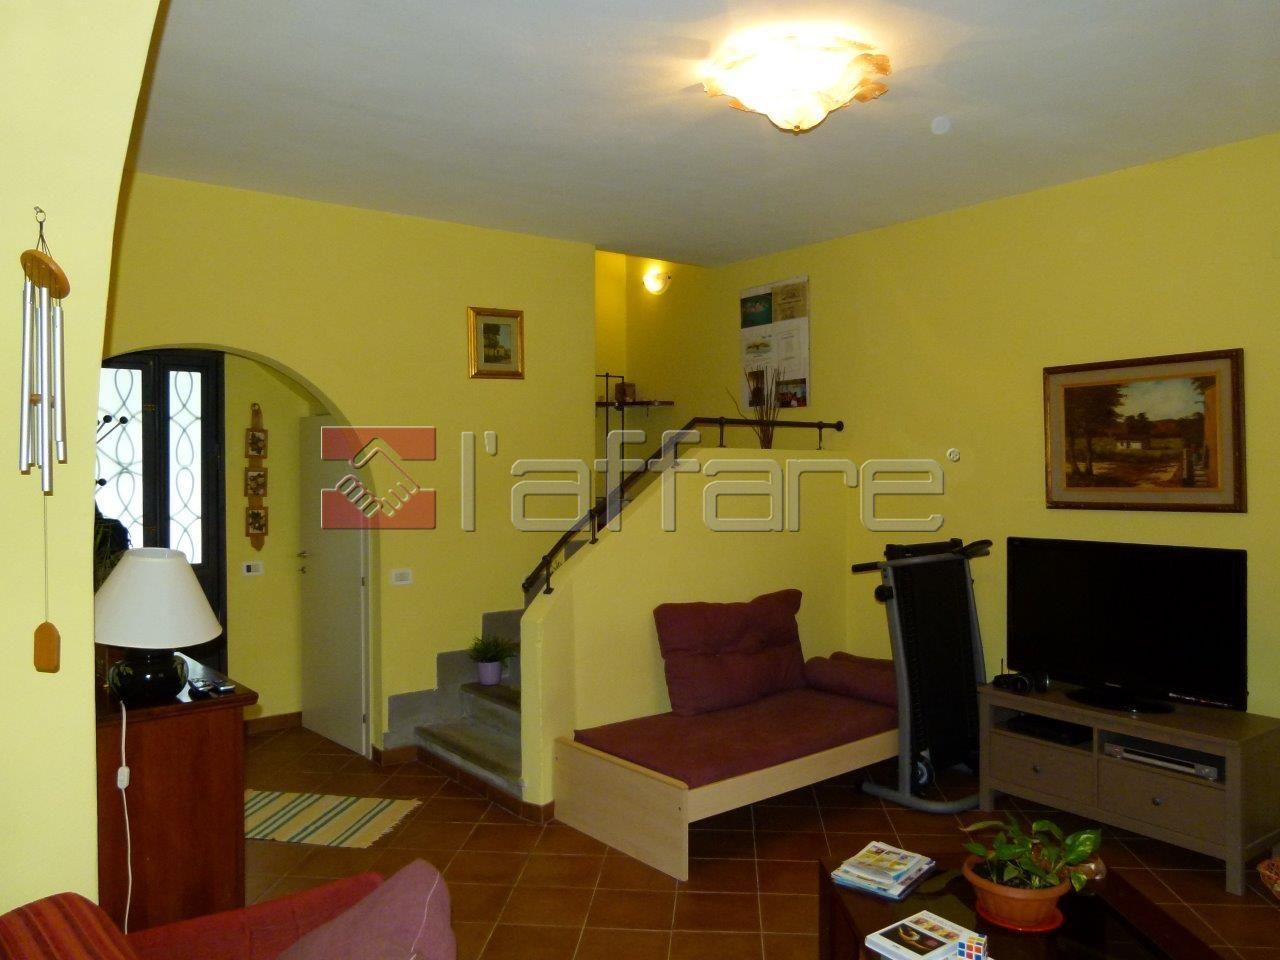 Rustico / Casale in vendita a Crespina Lorenzana, 6 locali, prezzo € 310.000 | Cambio Casa.it